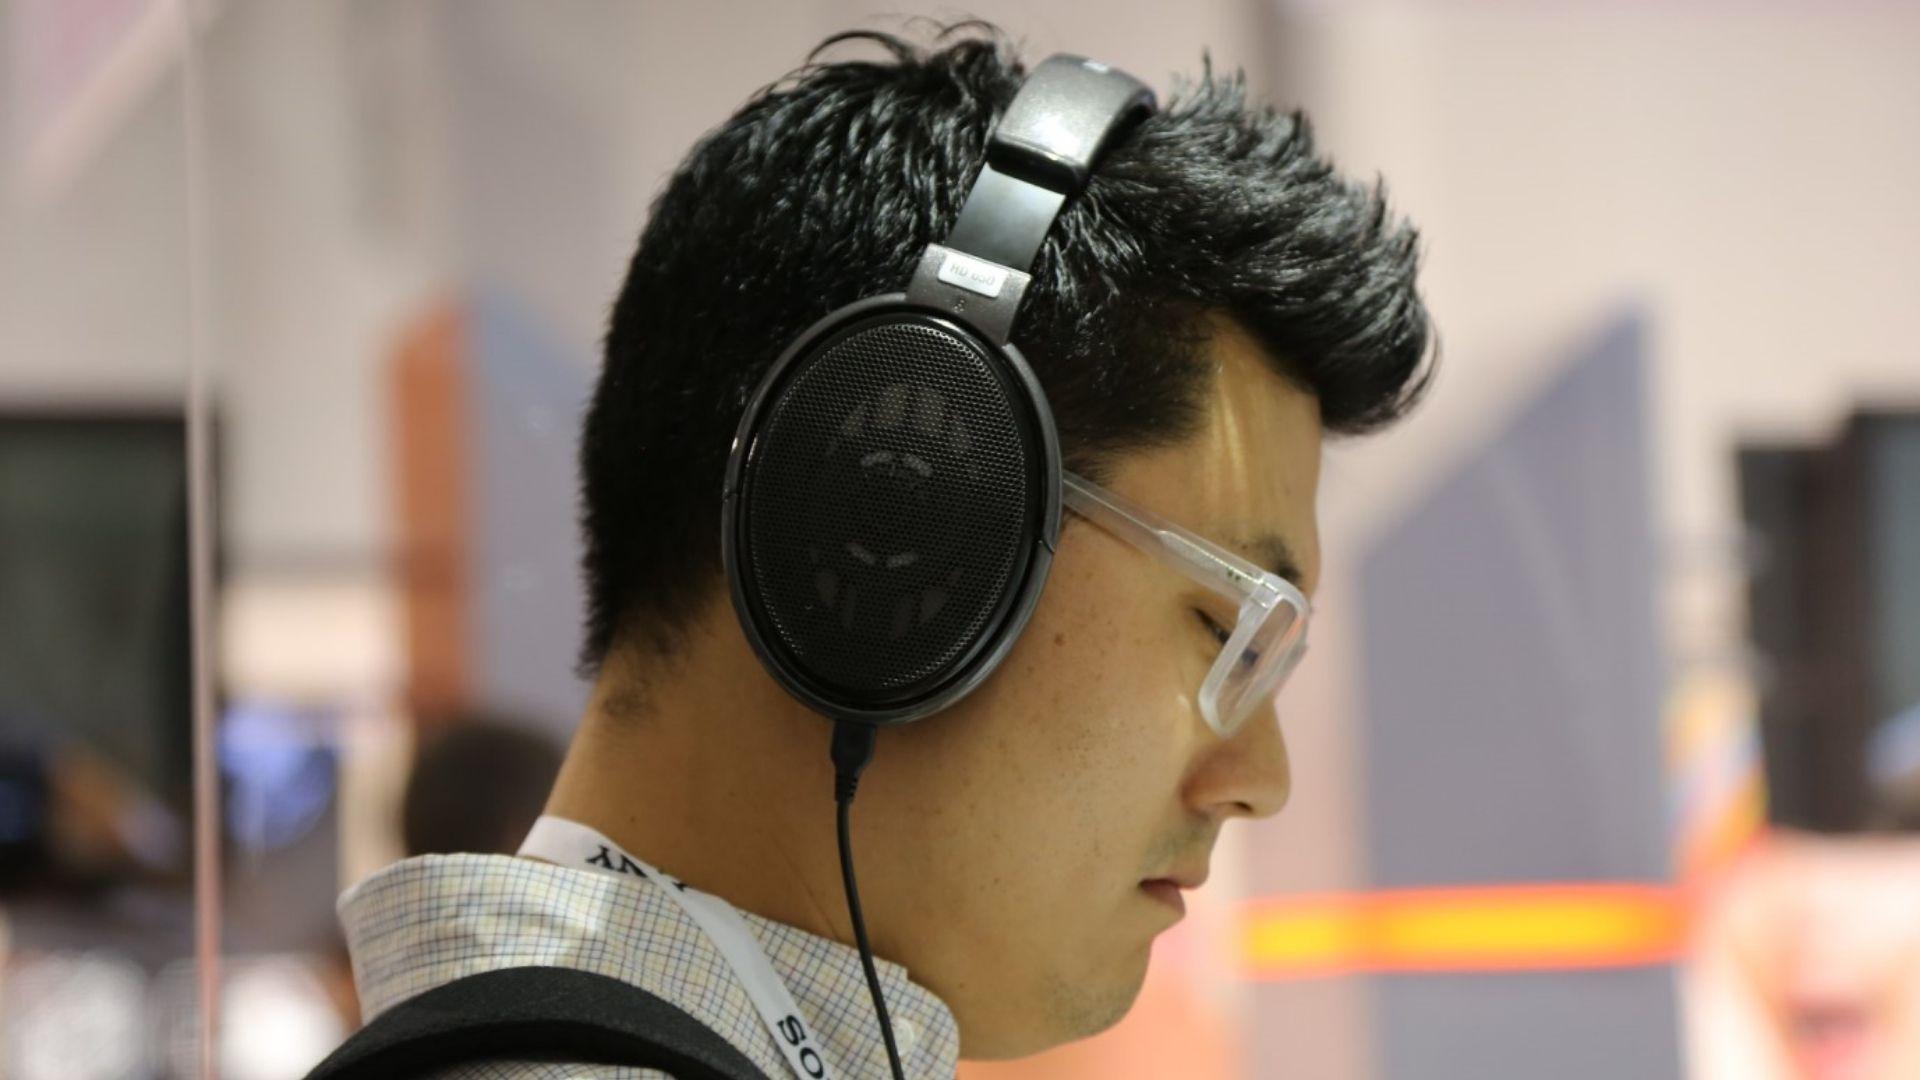 Cristãos são presos por vender Bíblias em áudio na China